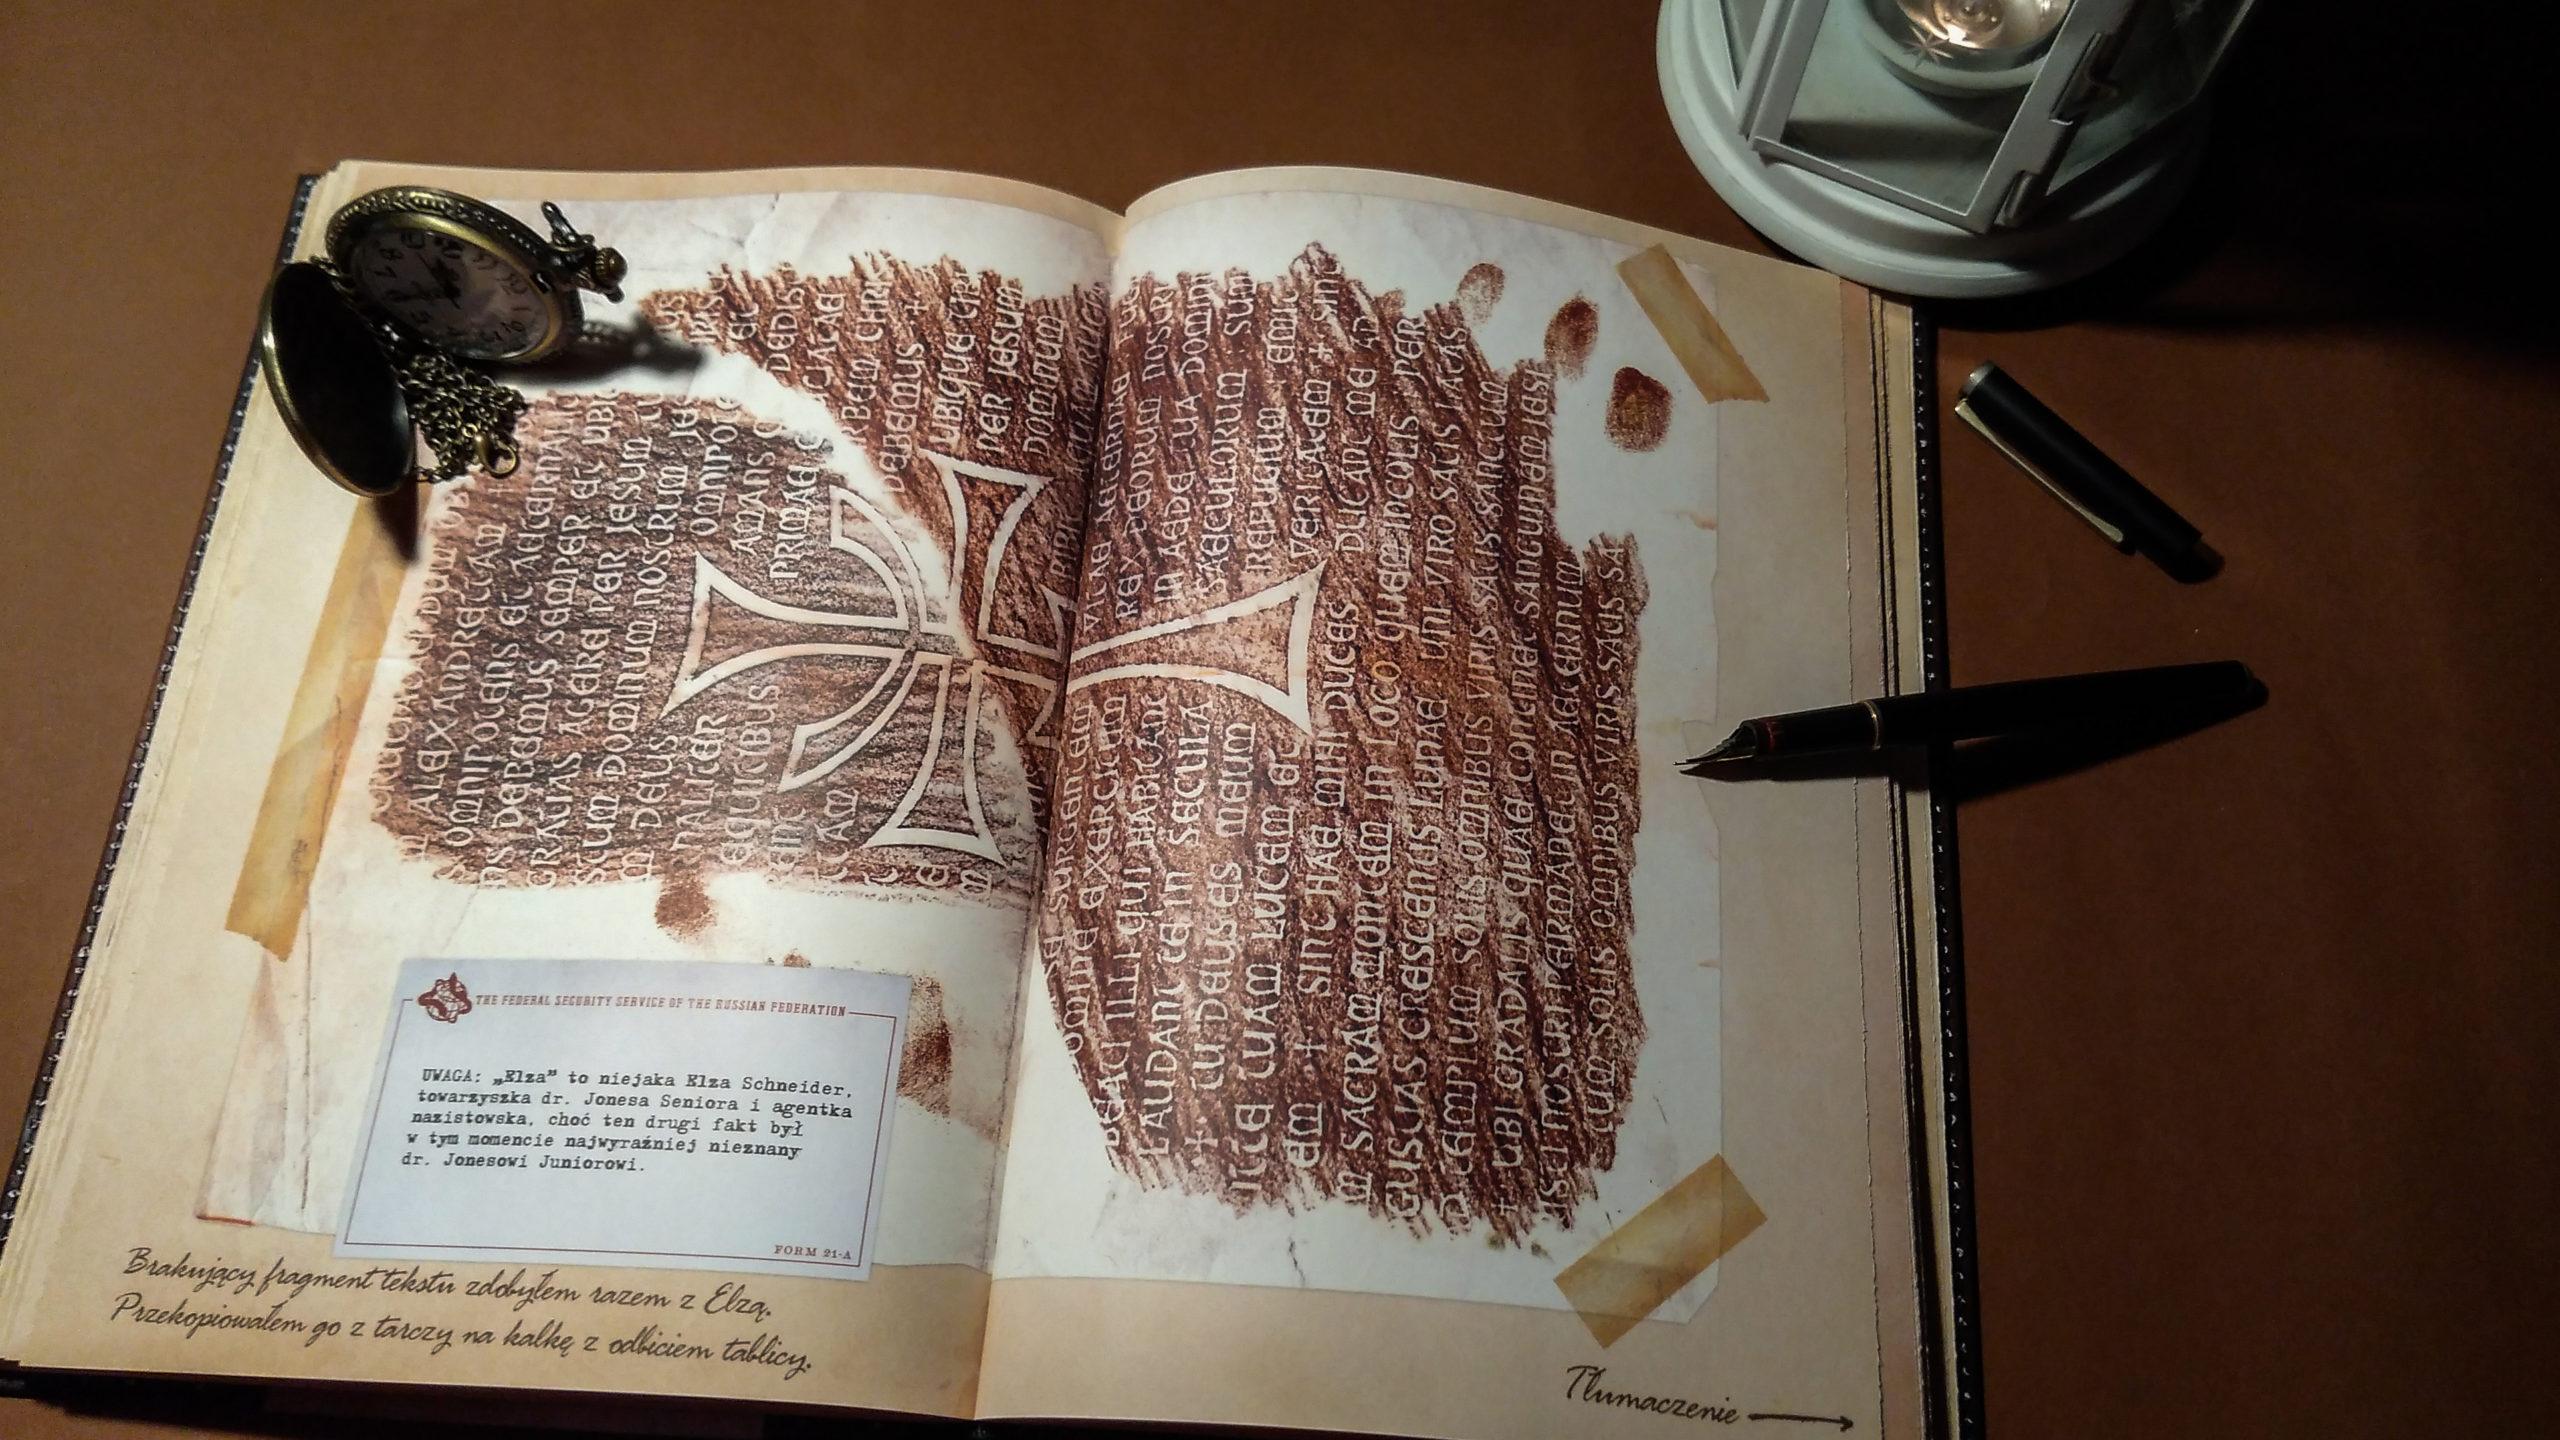 Zaginiony Dziennik Indiana Jones (zdj.2)